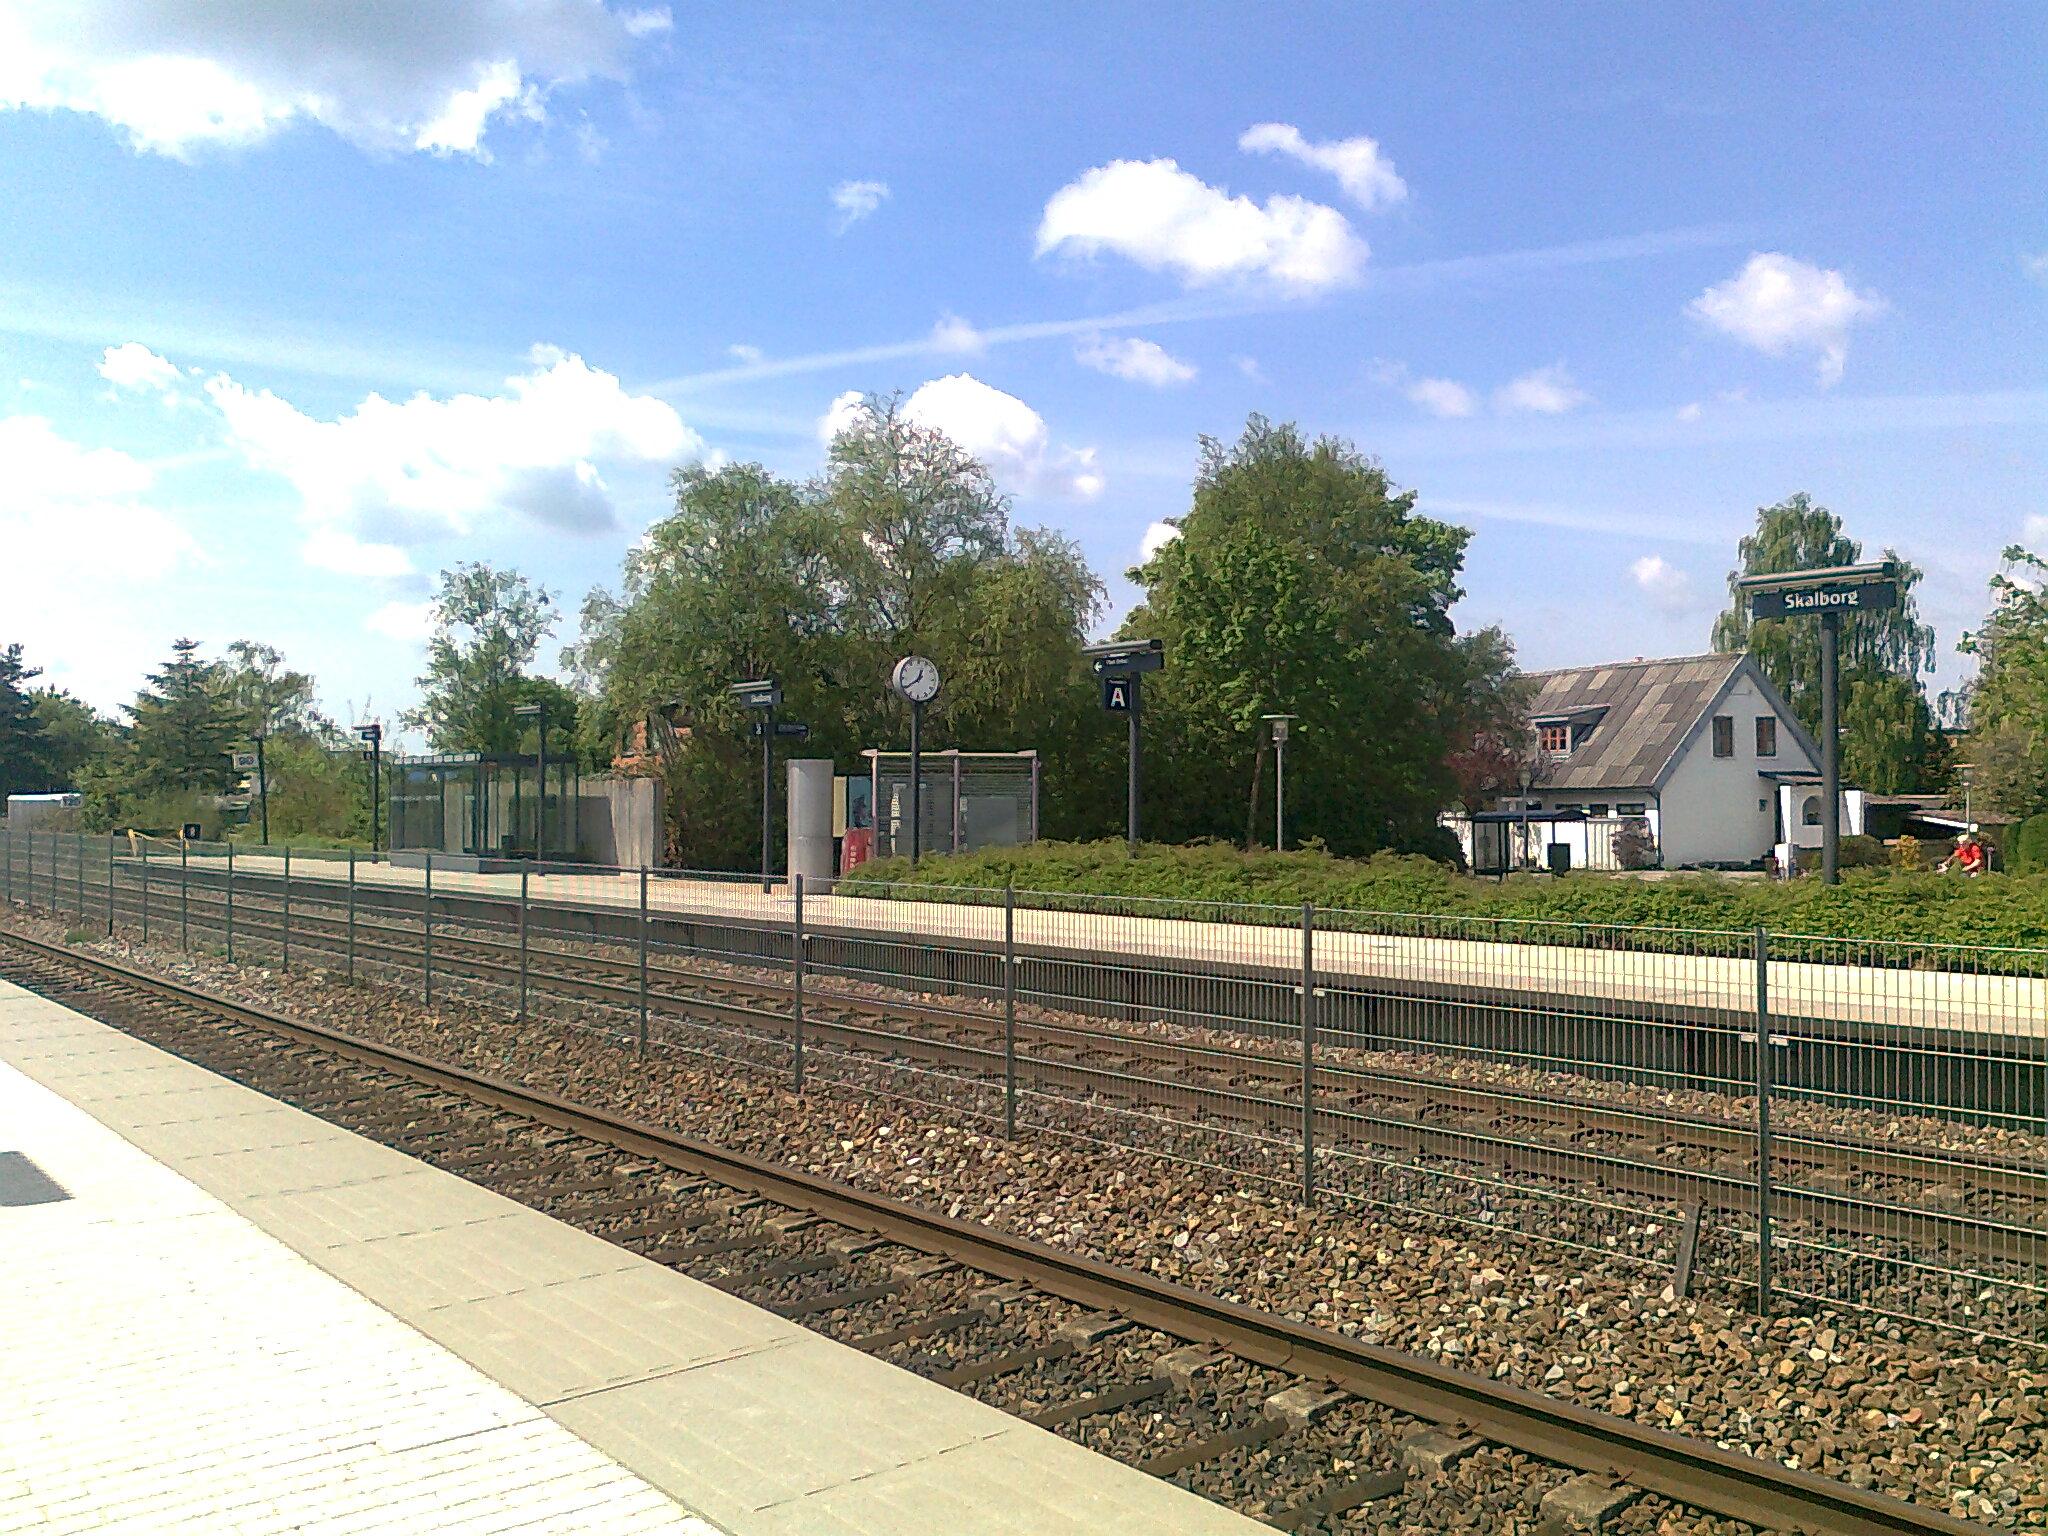 Skalborg Station